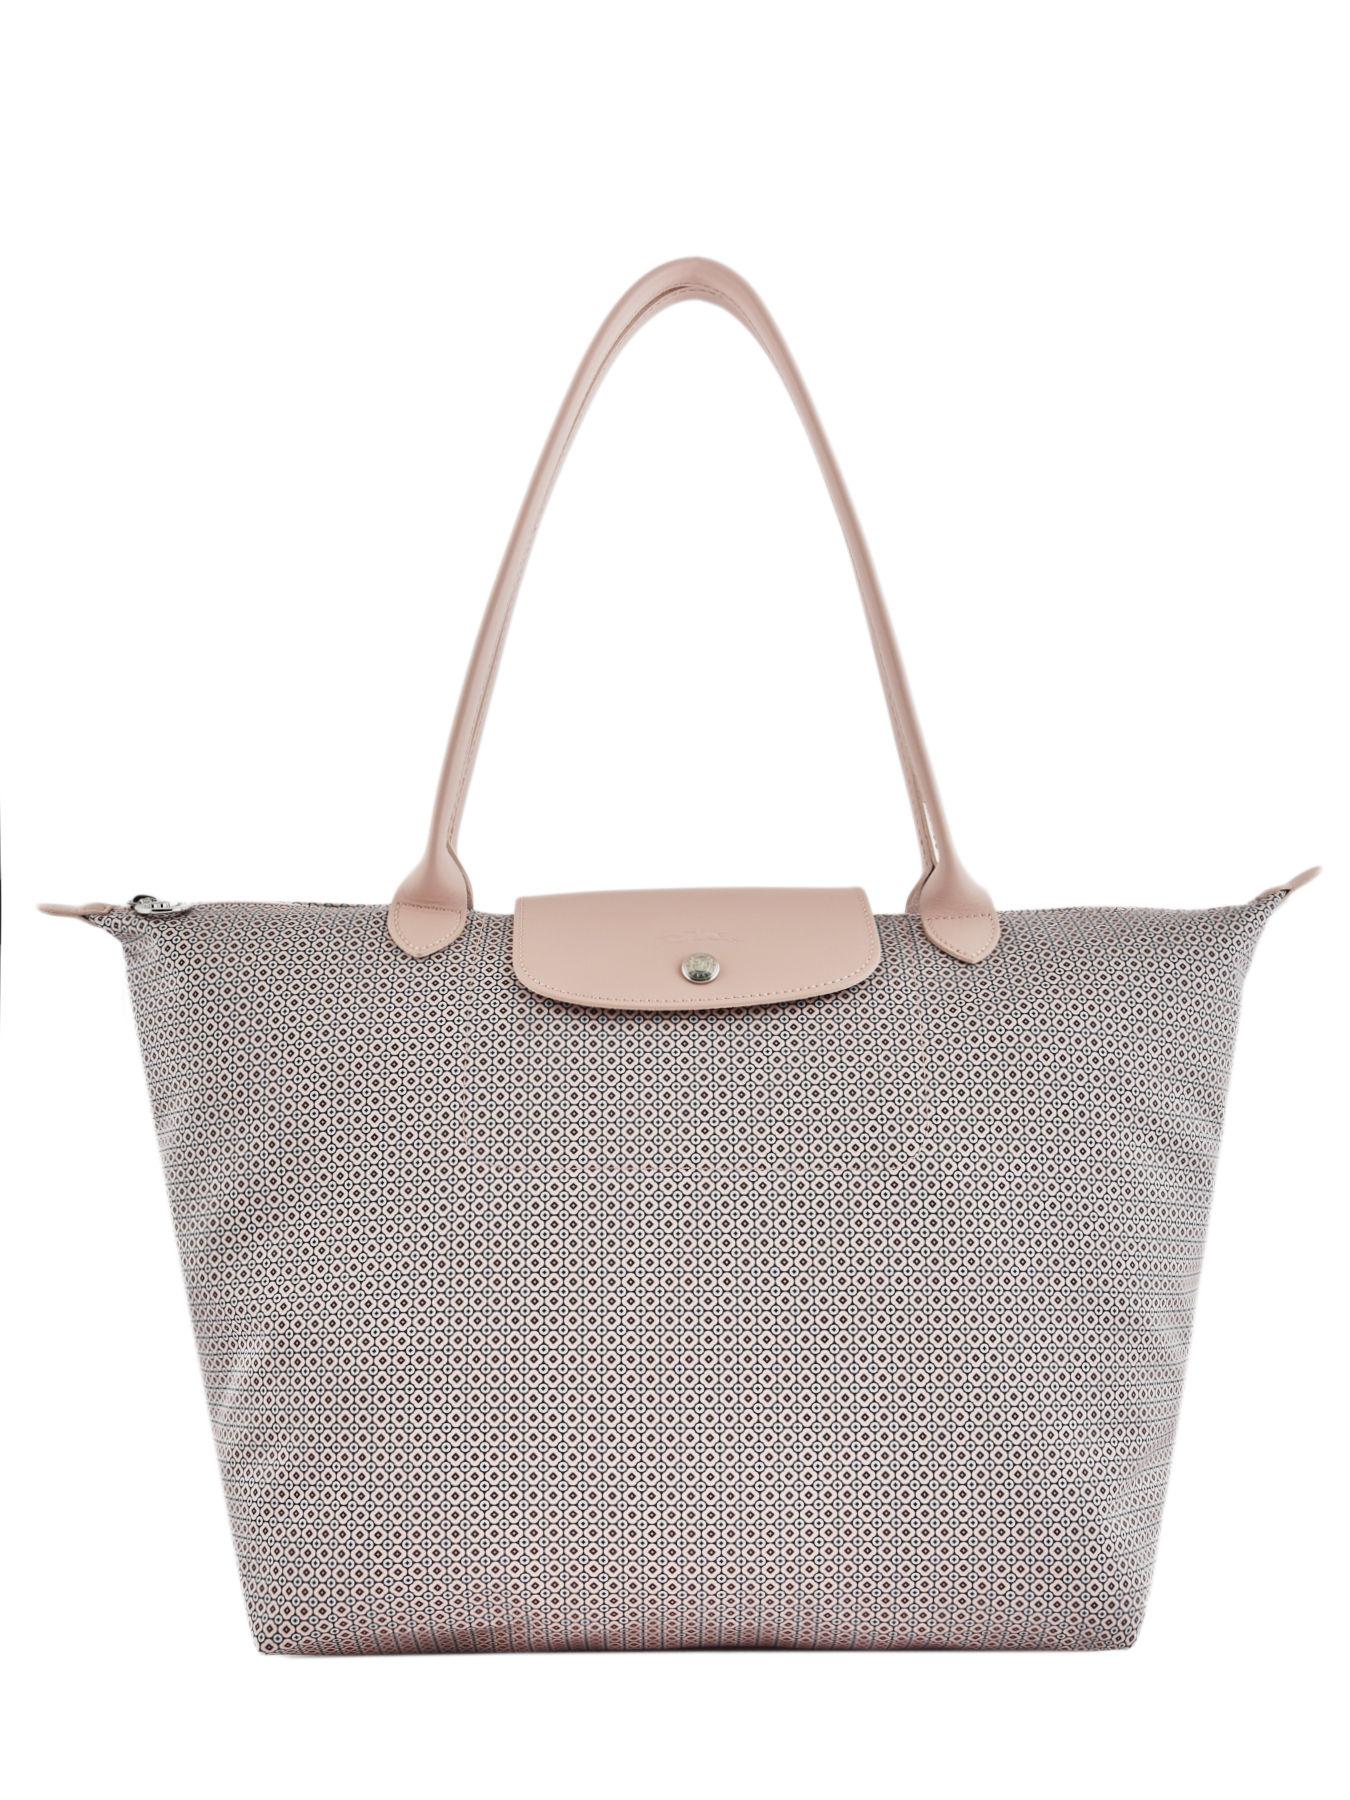 ... Longchamp Le pliage dandy Hobo bag Beige ... a758caa2261f0